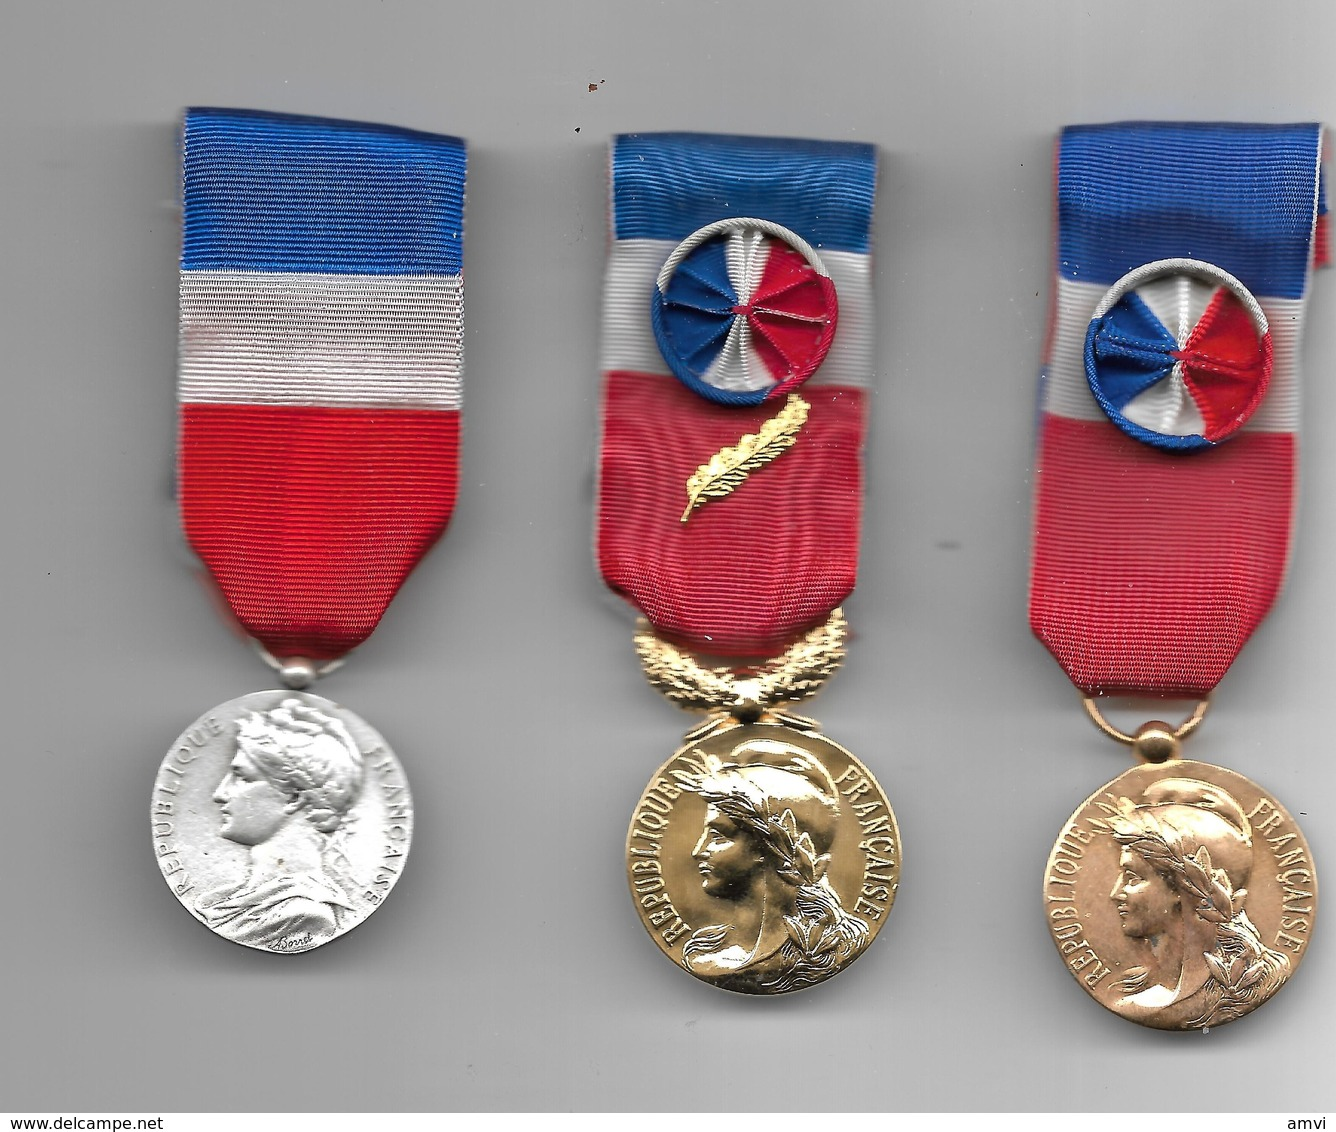 Vente Enchere Flash 48 H Mise à Prix 1 Euro Lot De 3 Medailles Travail Argent - Or Et Vermeil ( Avec Boite ) - Otros